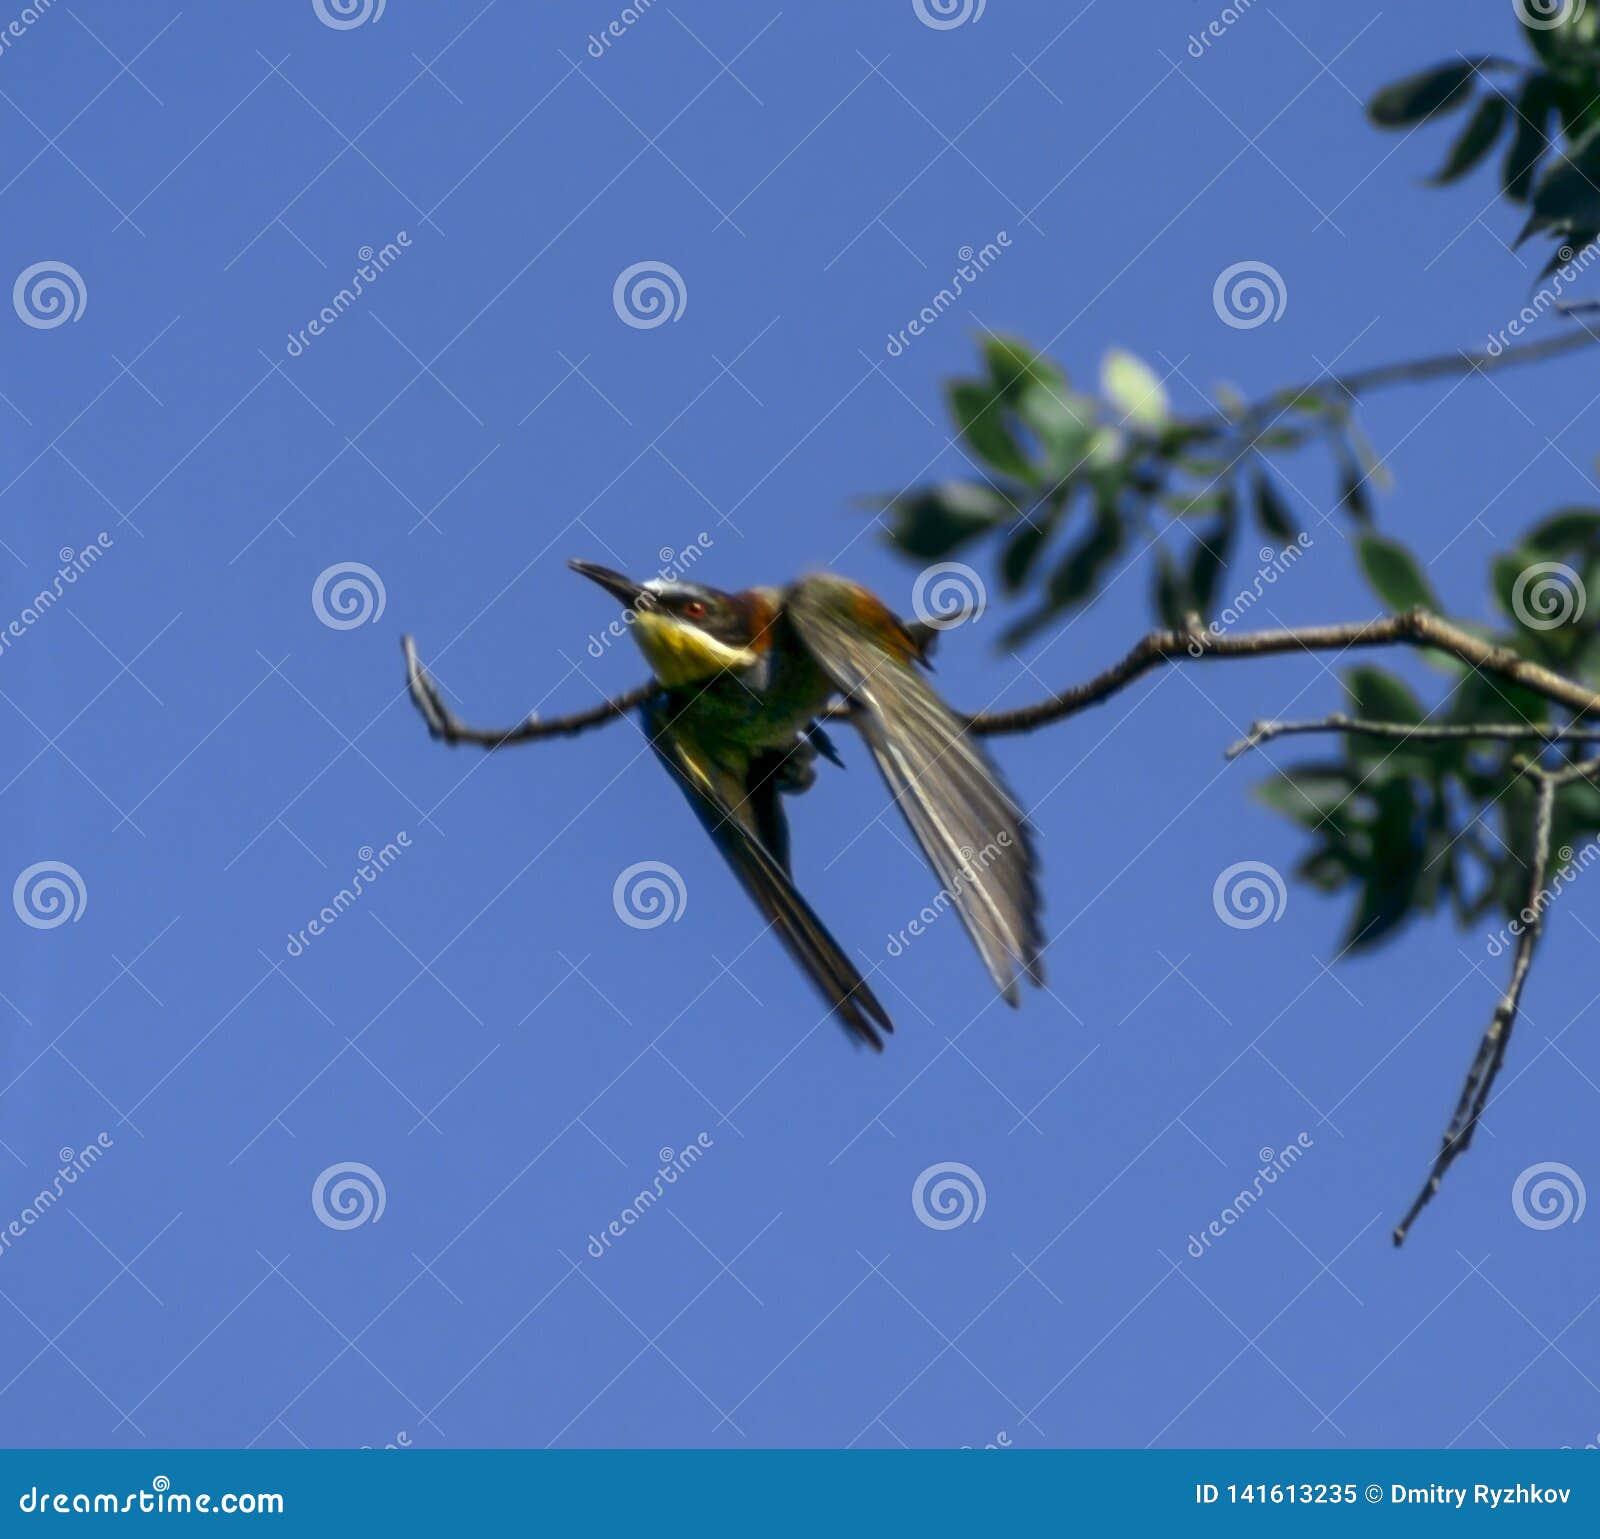 金黄矛或食蜂鸟食蜂鸟属apiaster是其中一只在飞行中最五颜六色的鸟